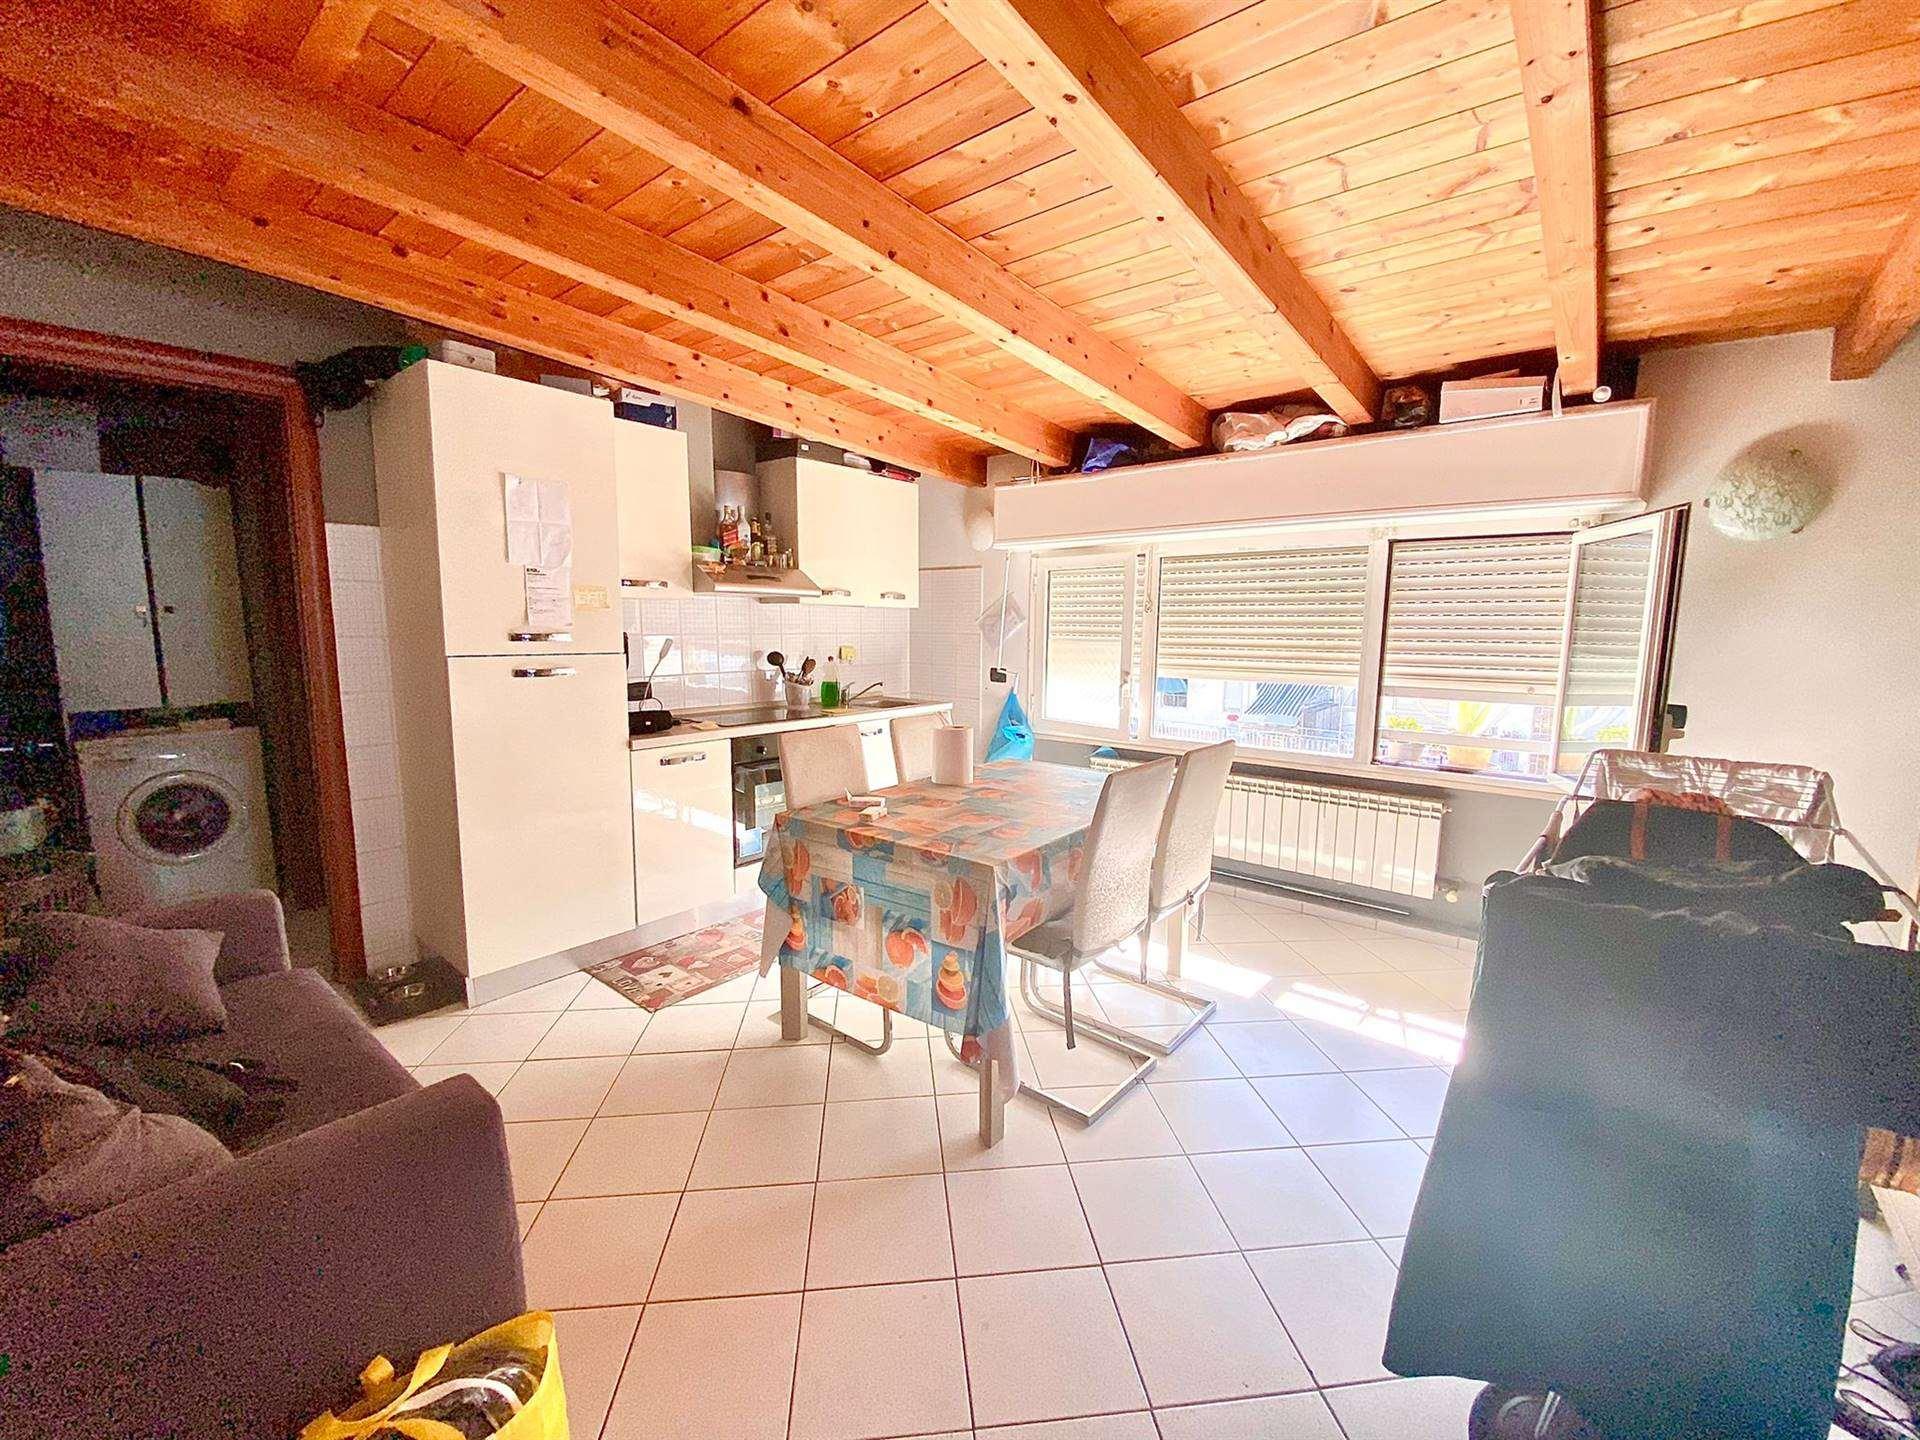 Appartamento in affitto a Paderno Dugnano, 1 locali, zona Zona: Palazzolo Milanese, prezzo € 450 | CambioCasa.it